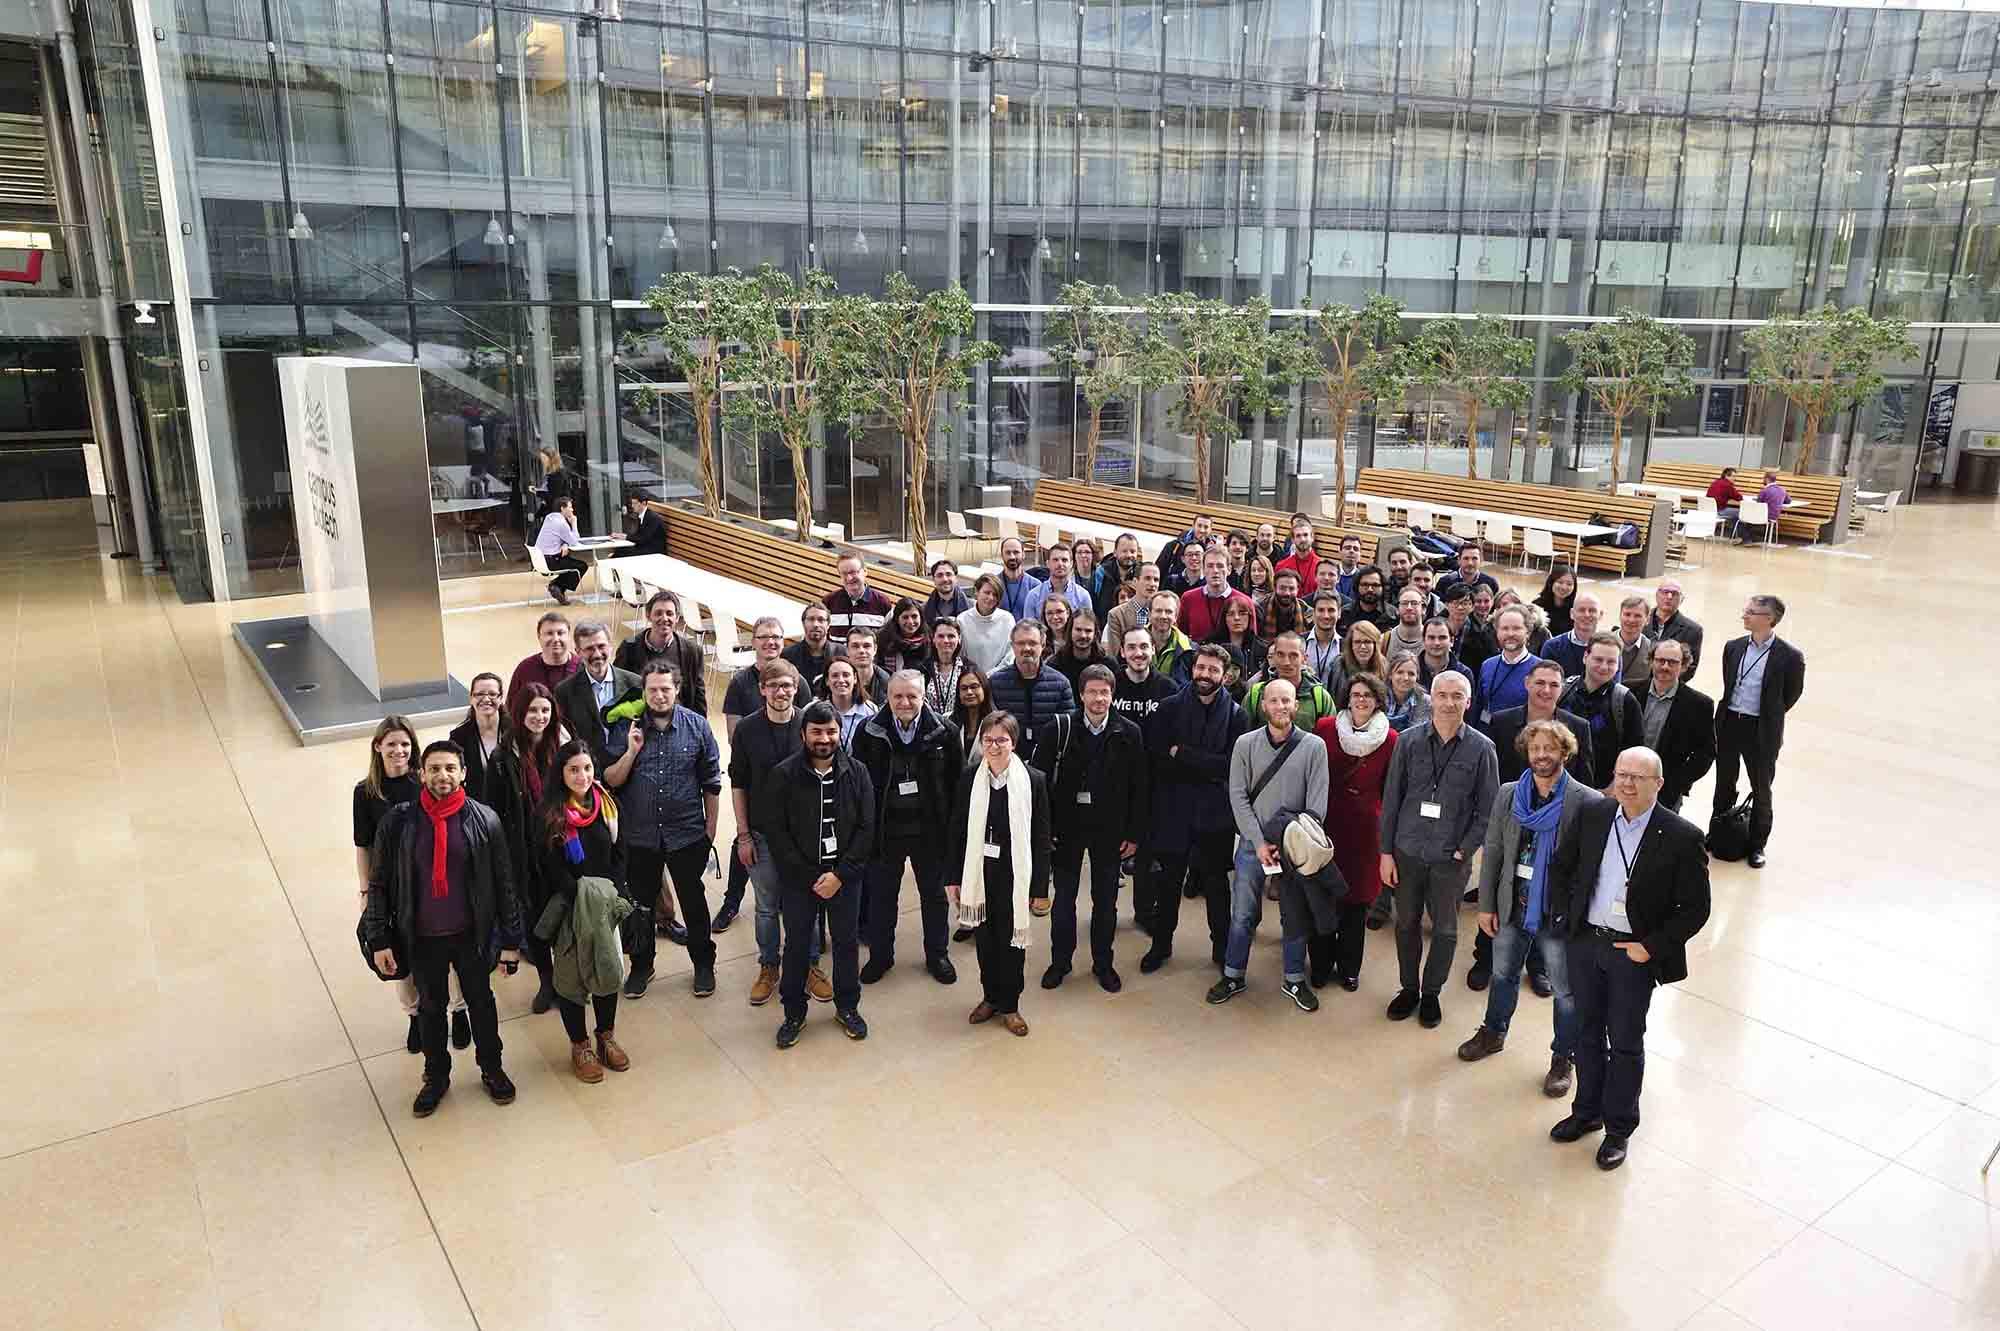 Die Teilnehmer des Workshops im Wyss Center in Genf blicken auf eine gelungene Veranstaltung zurück.